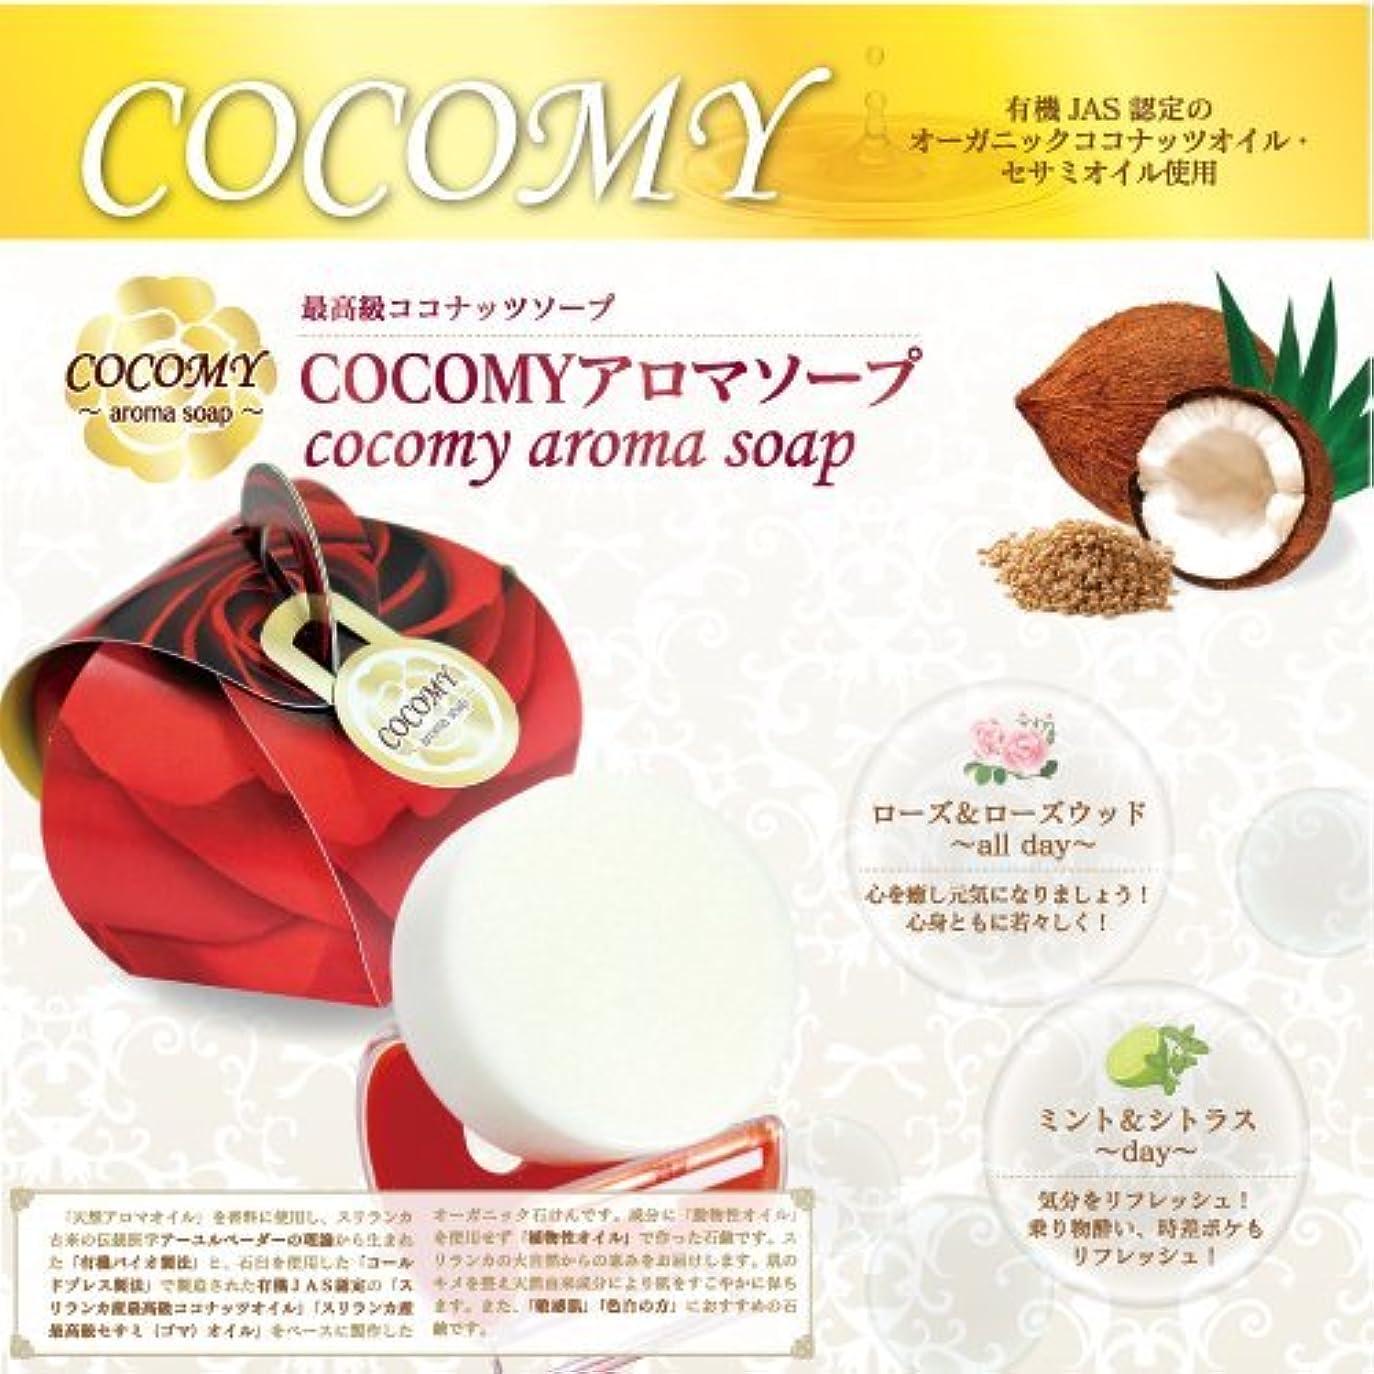 変形する寛大な満たすCOCOMY aromaソープ 2個セット (ミント&シトラス)(ローズ&ローズウッド) 40g×各1